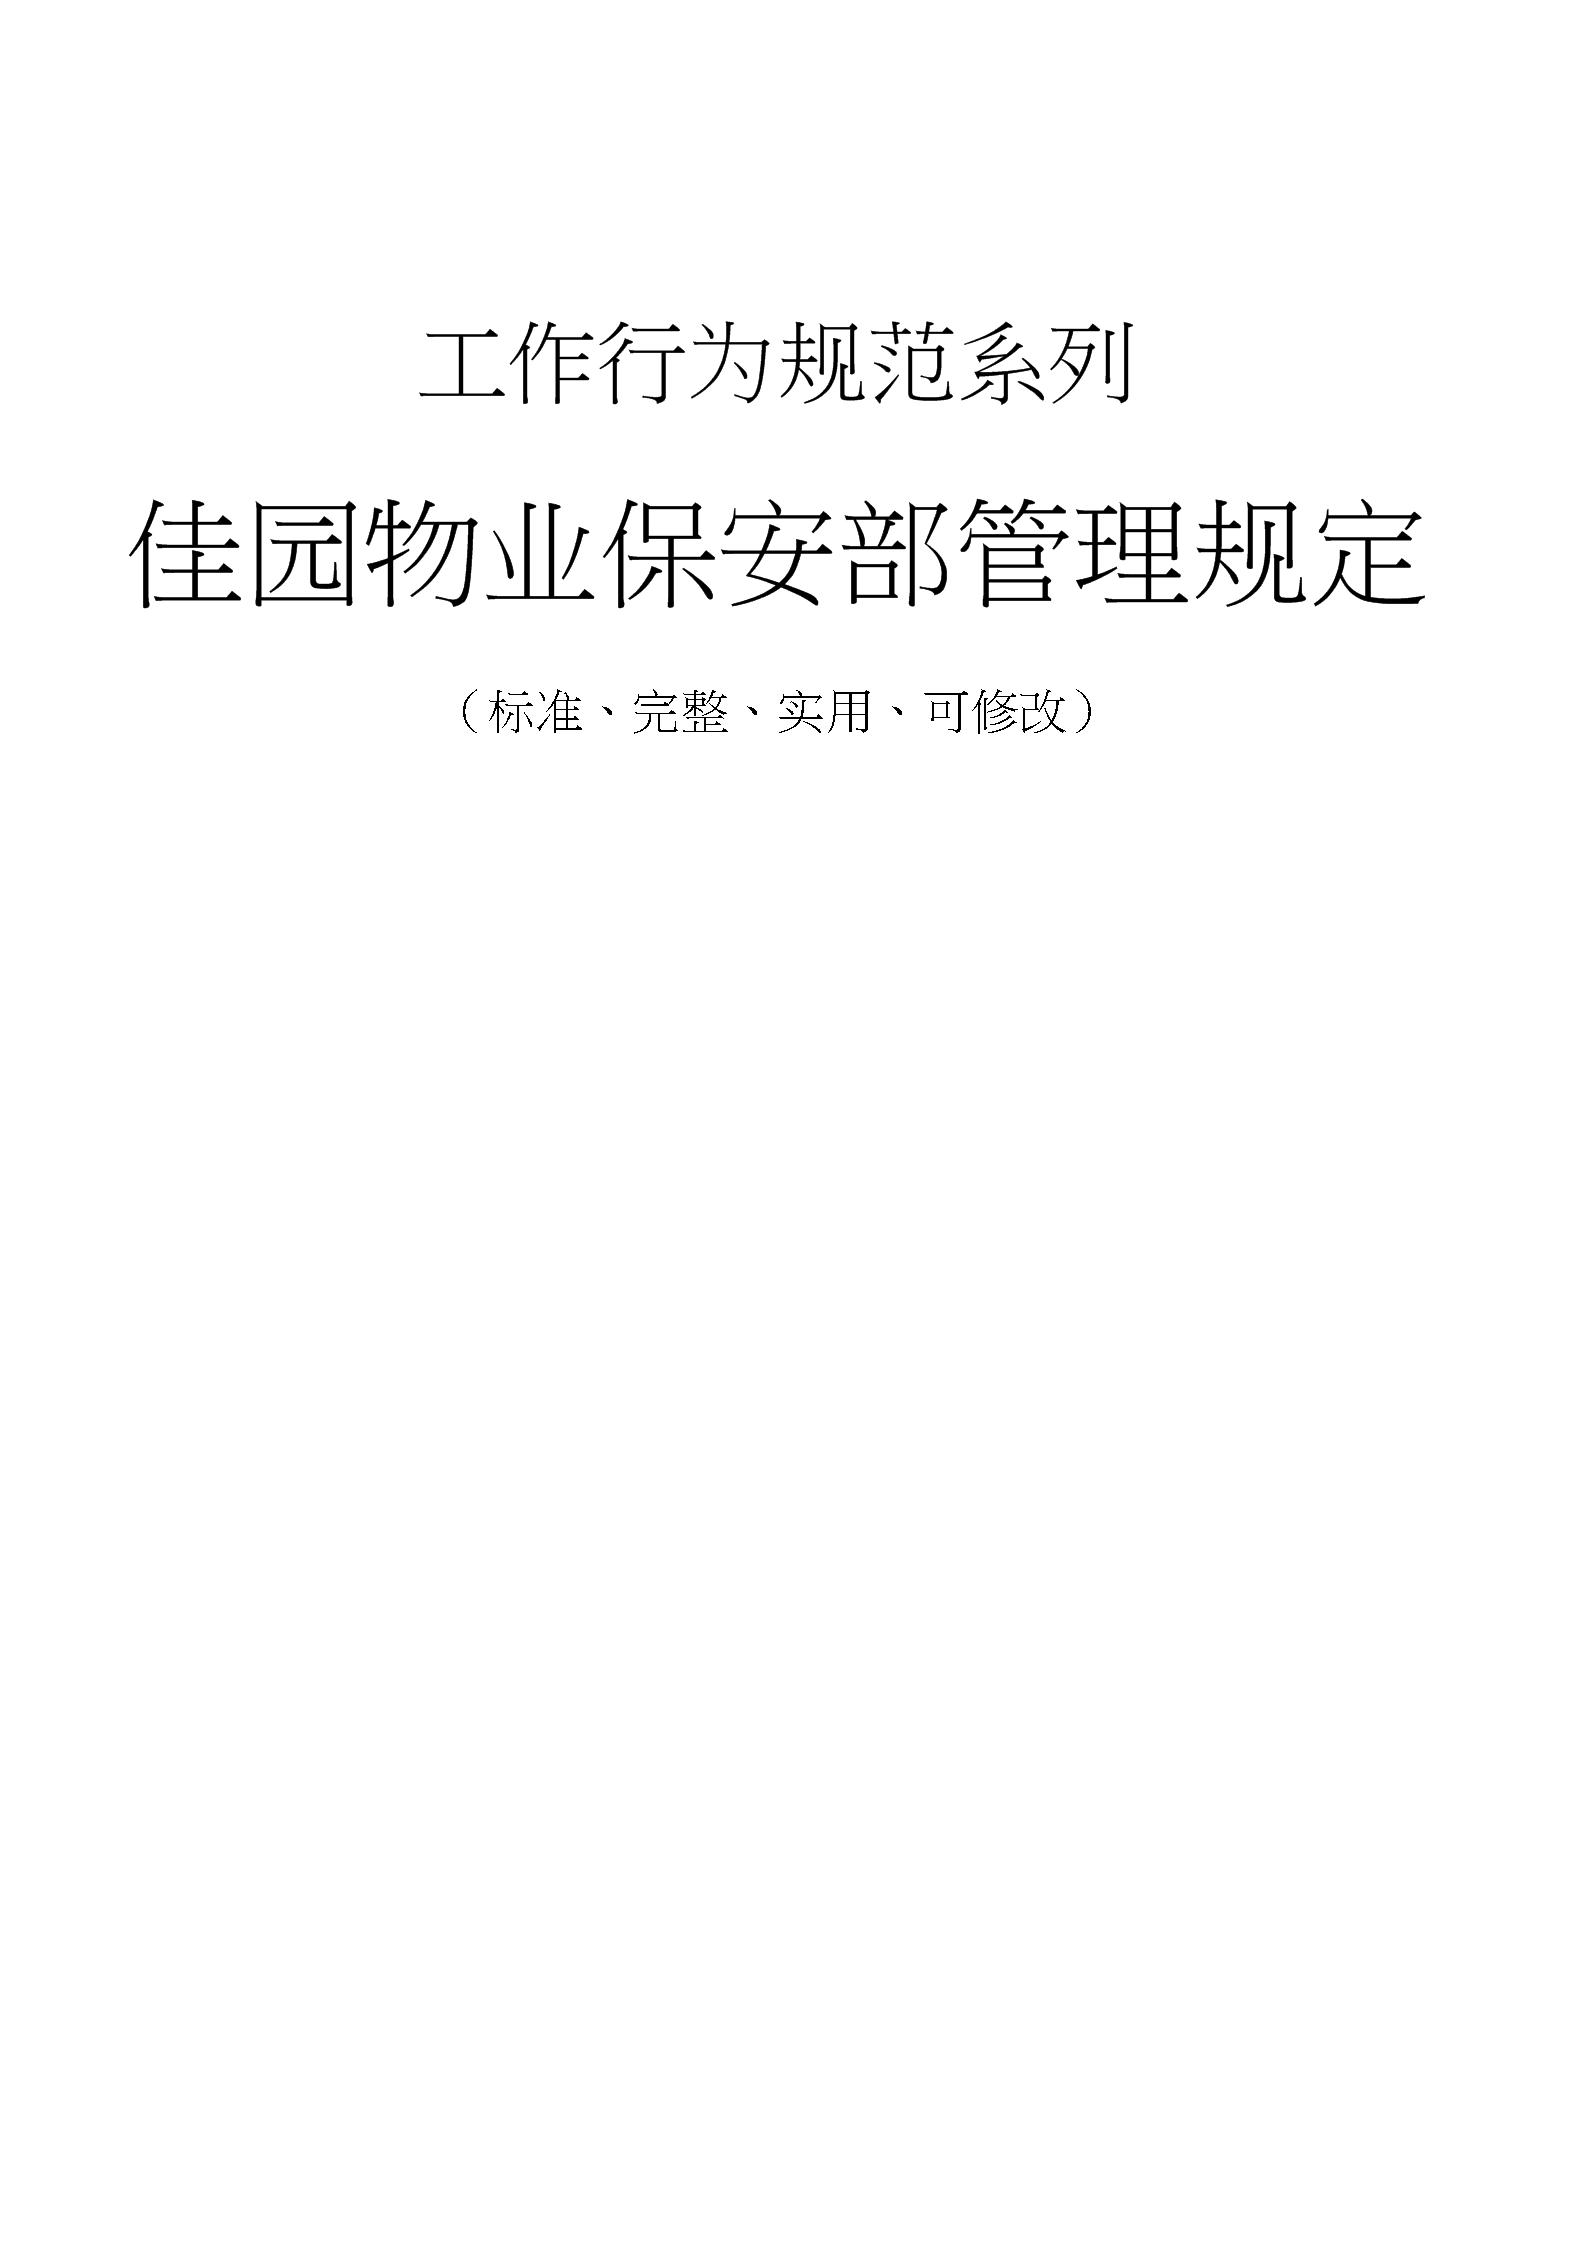 佳园物业保安部管理规定.docx